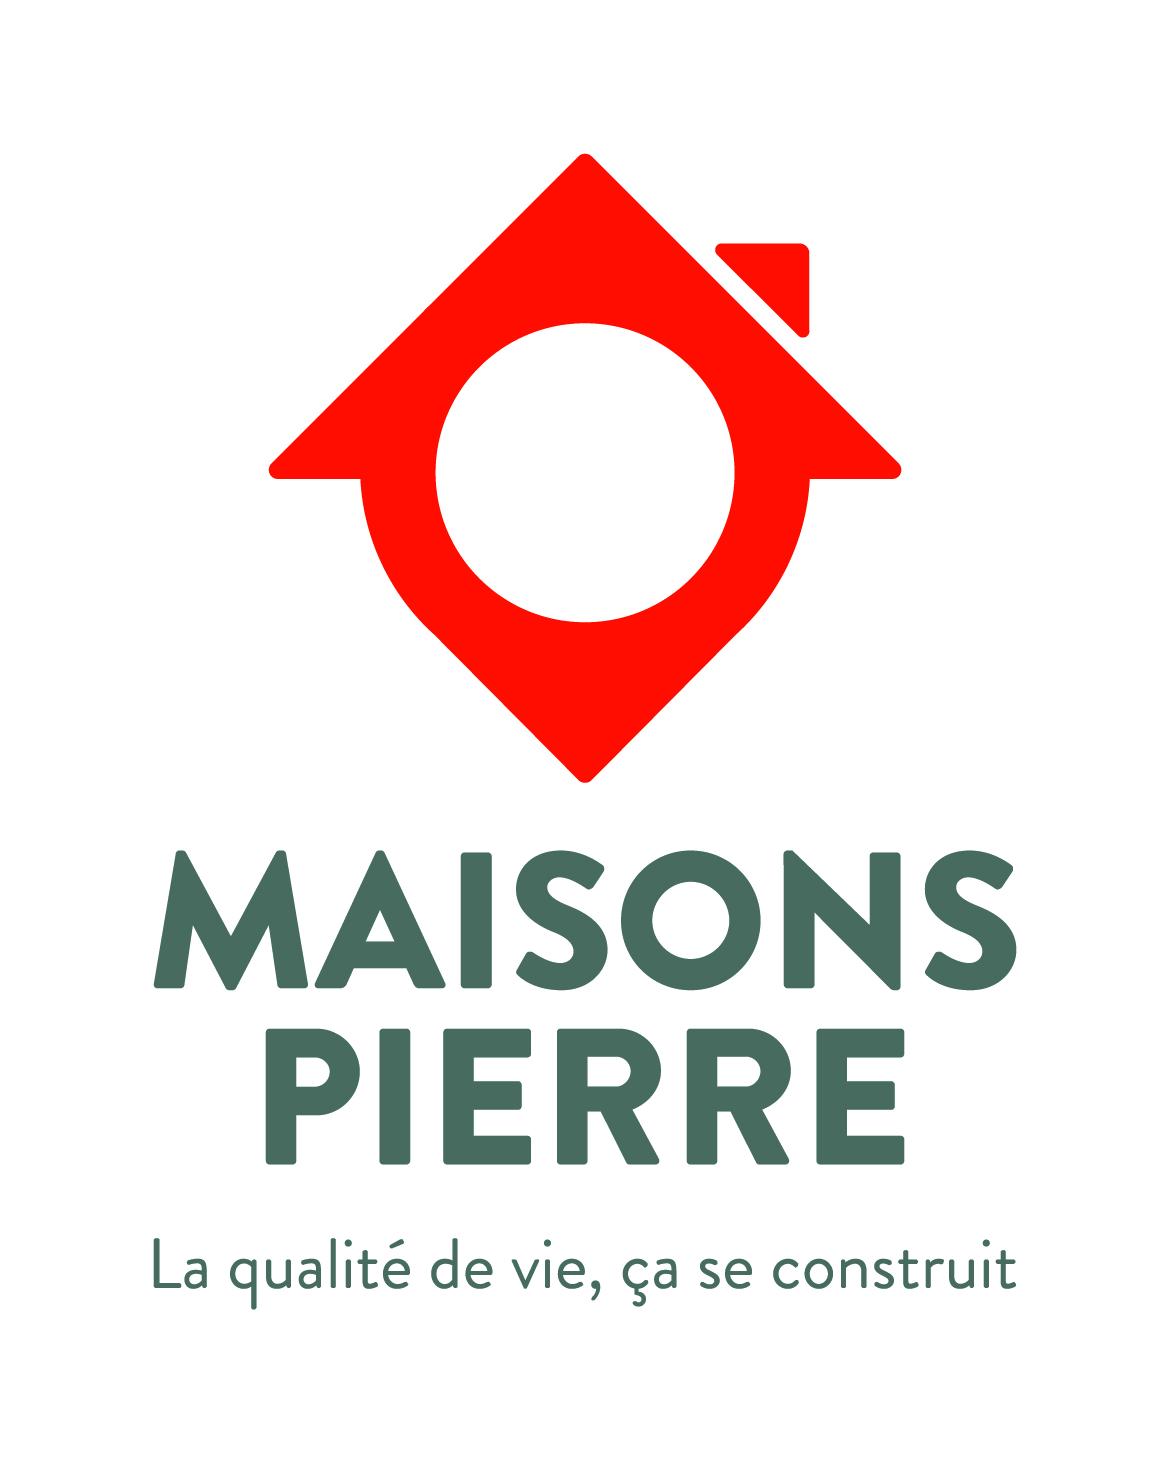 Maisons pierre constructeur 54 avis 216 r cits 50 for Constructeur de maison 54